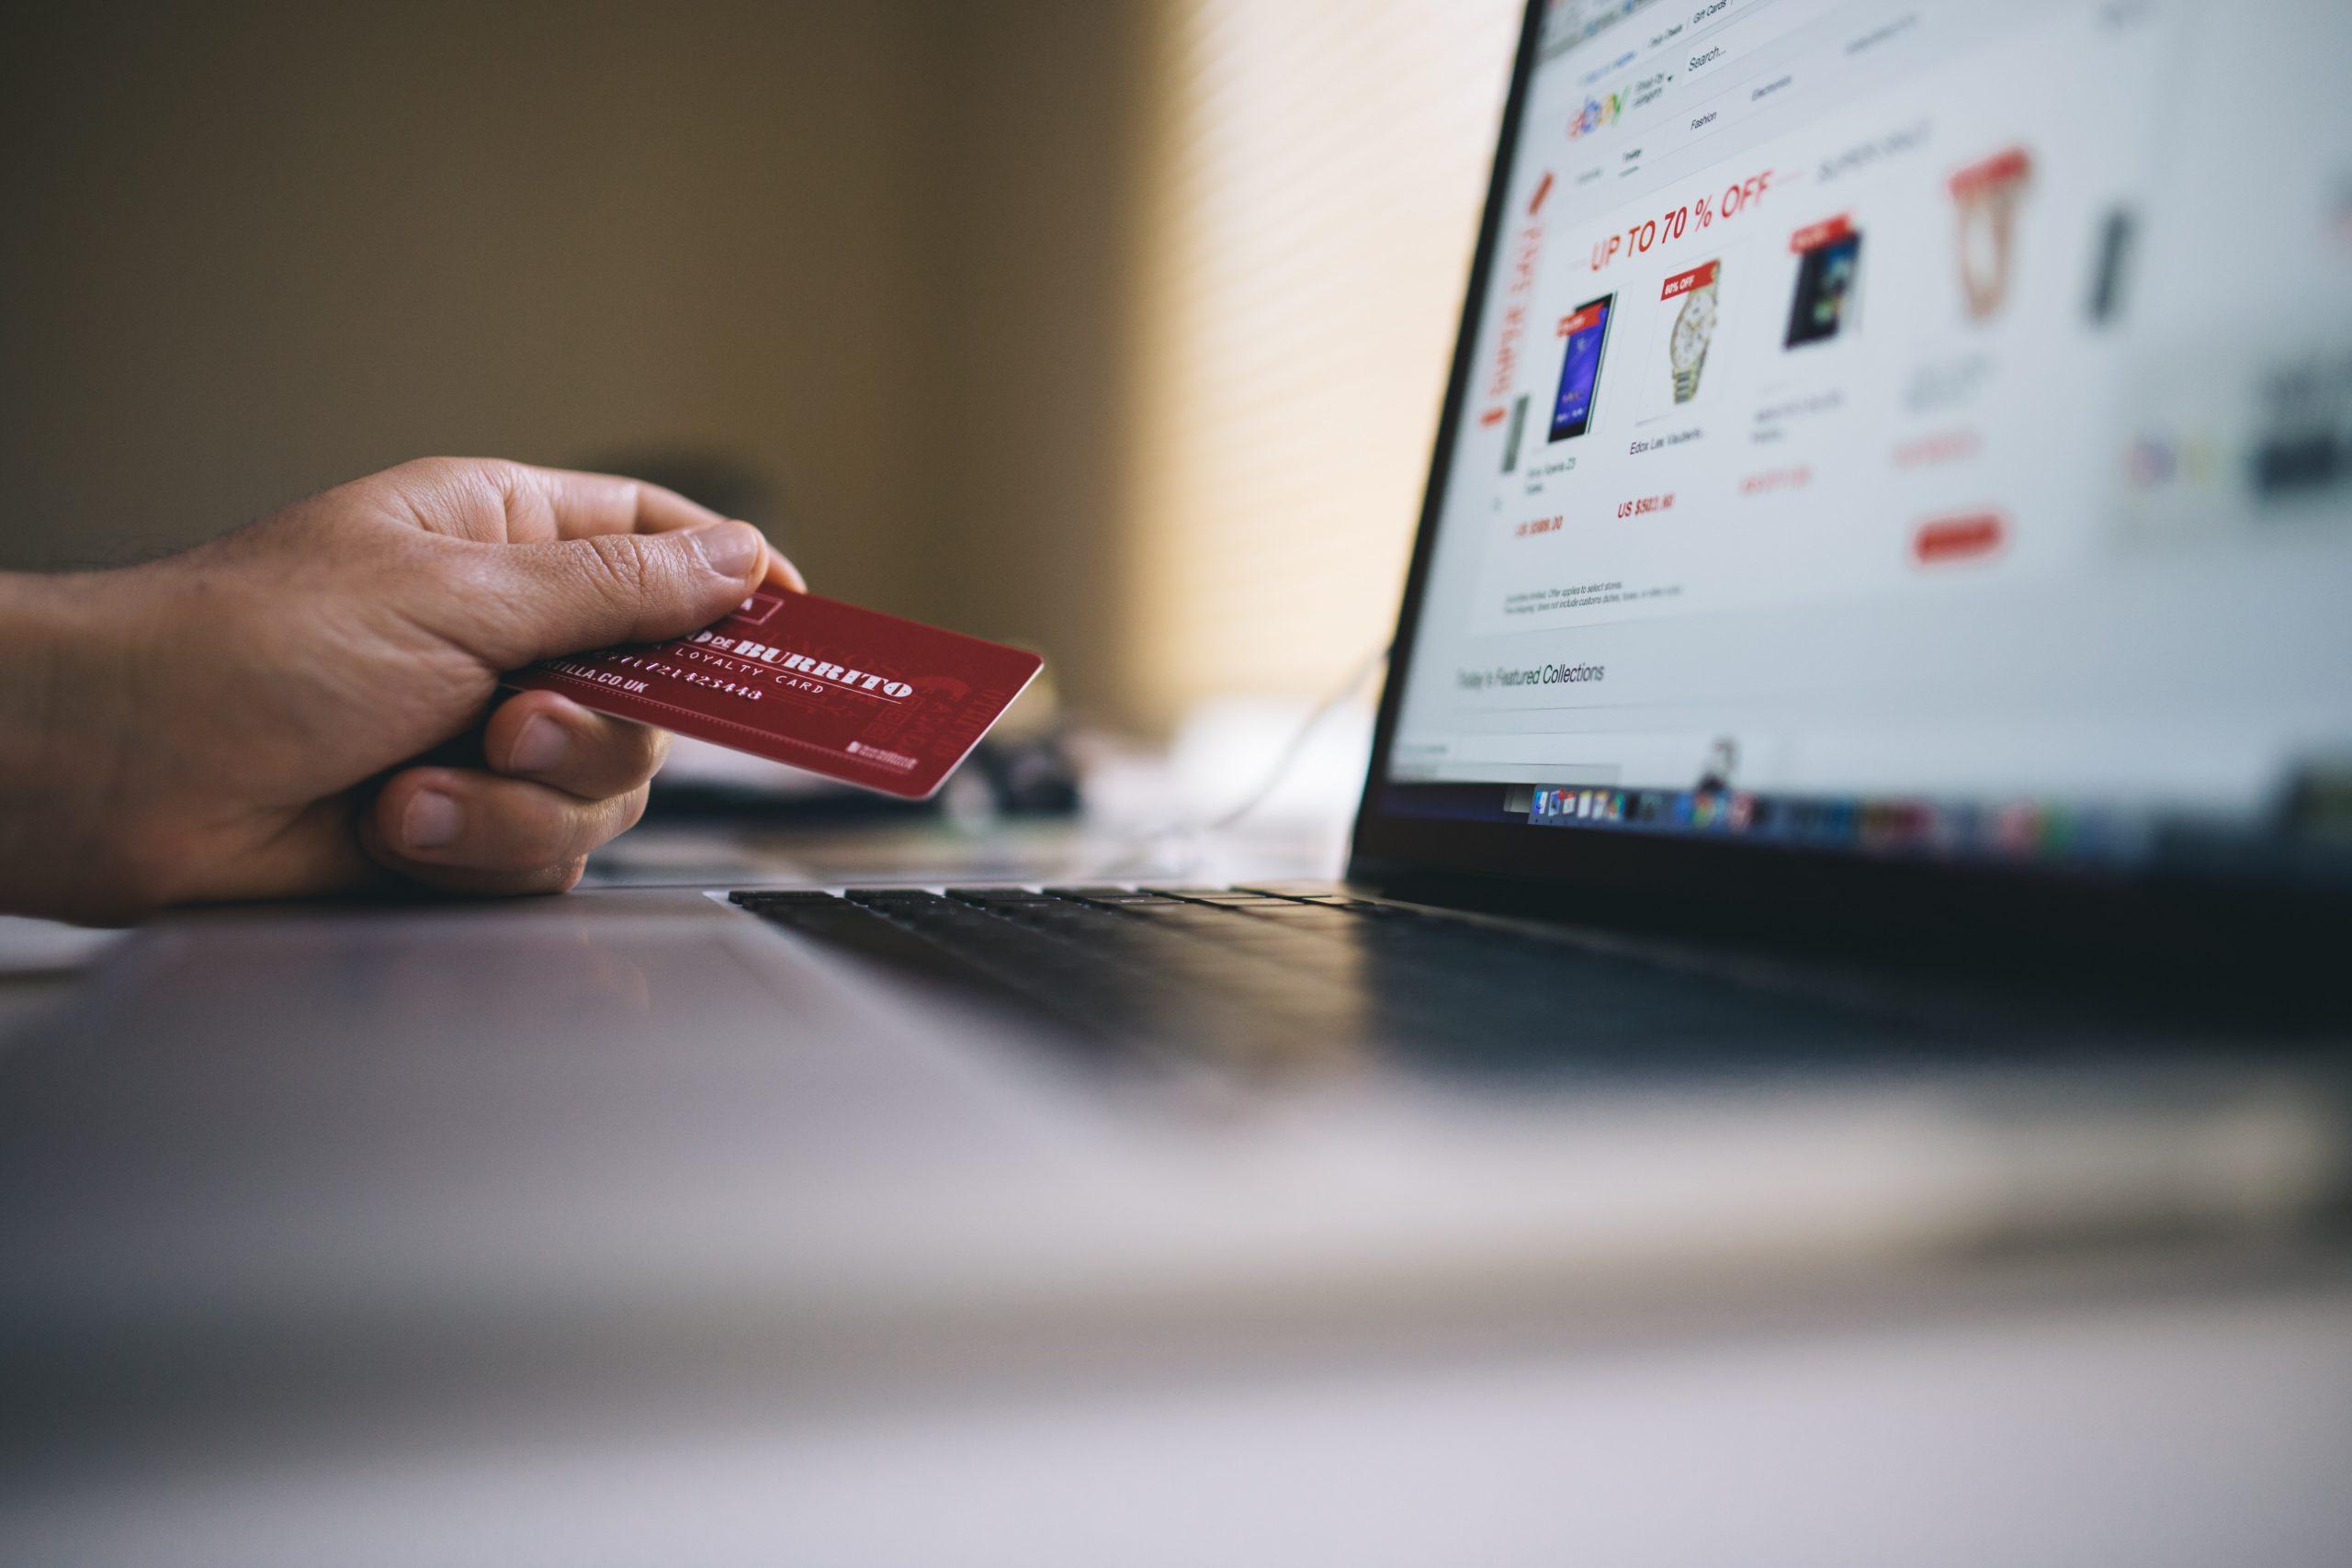 Una cuarta parte de la población consume por comercio electrónico